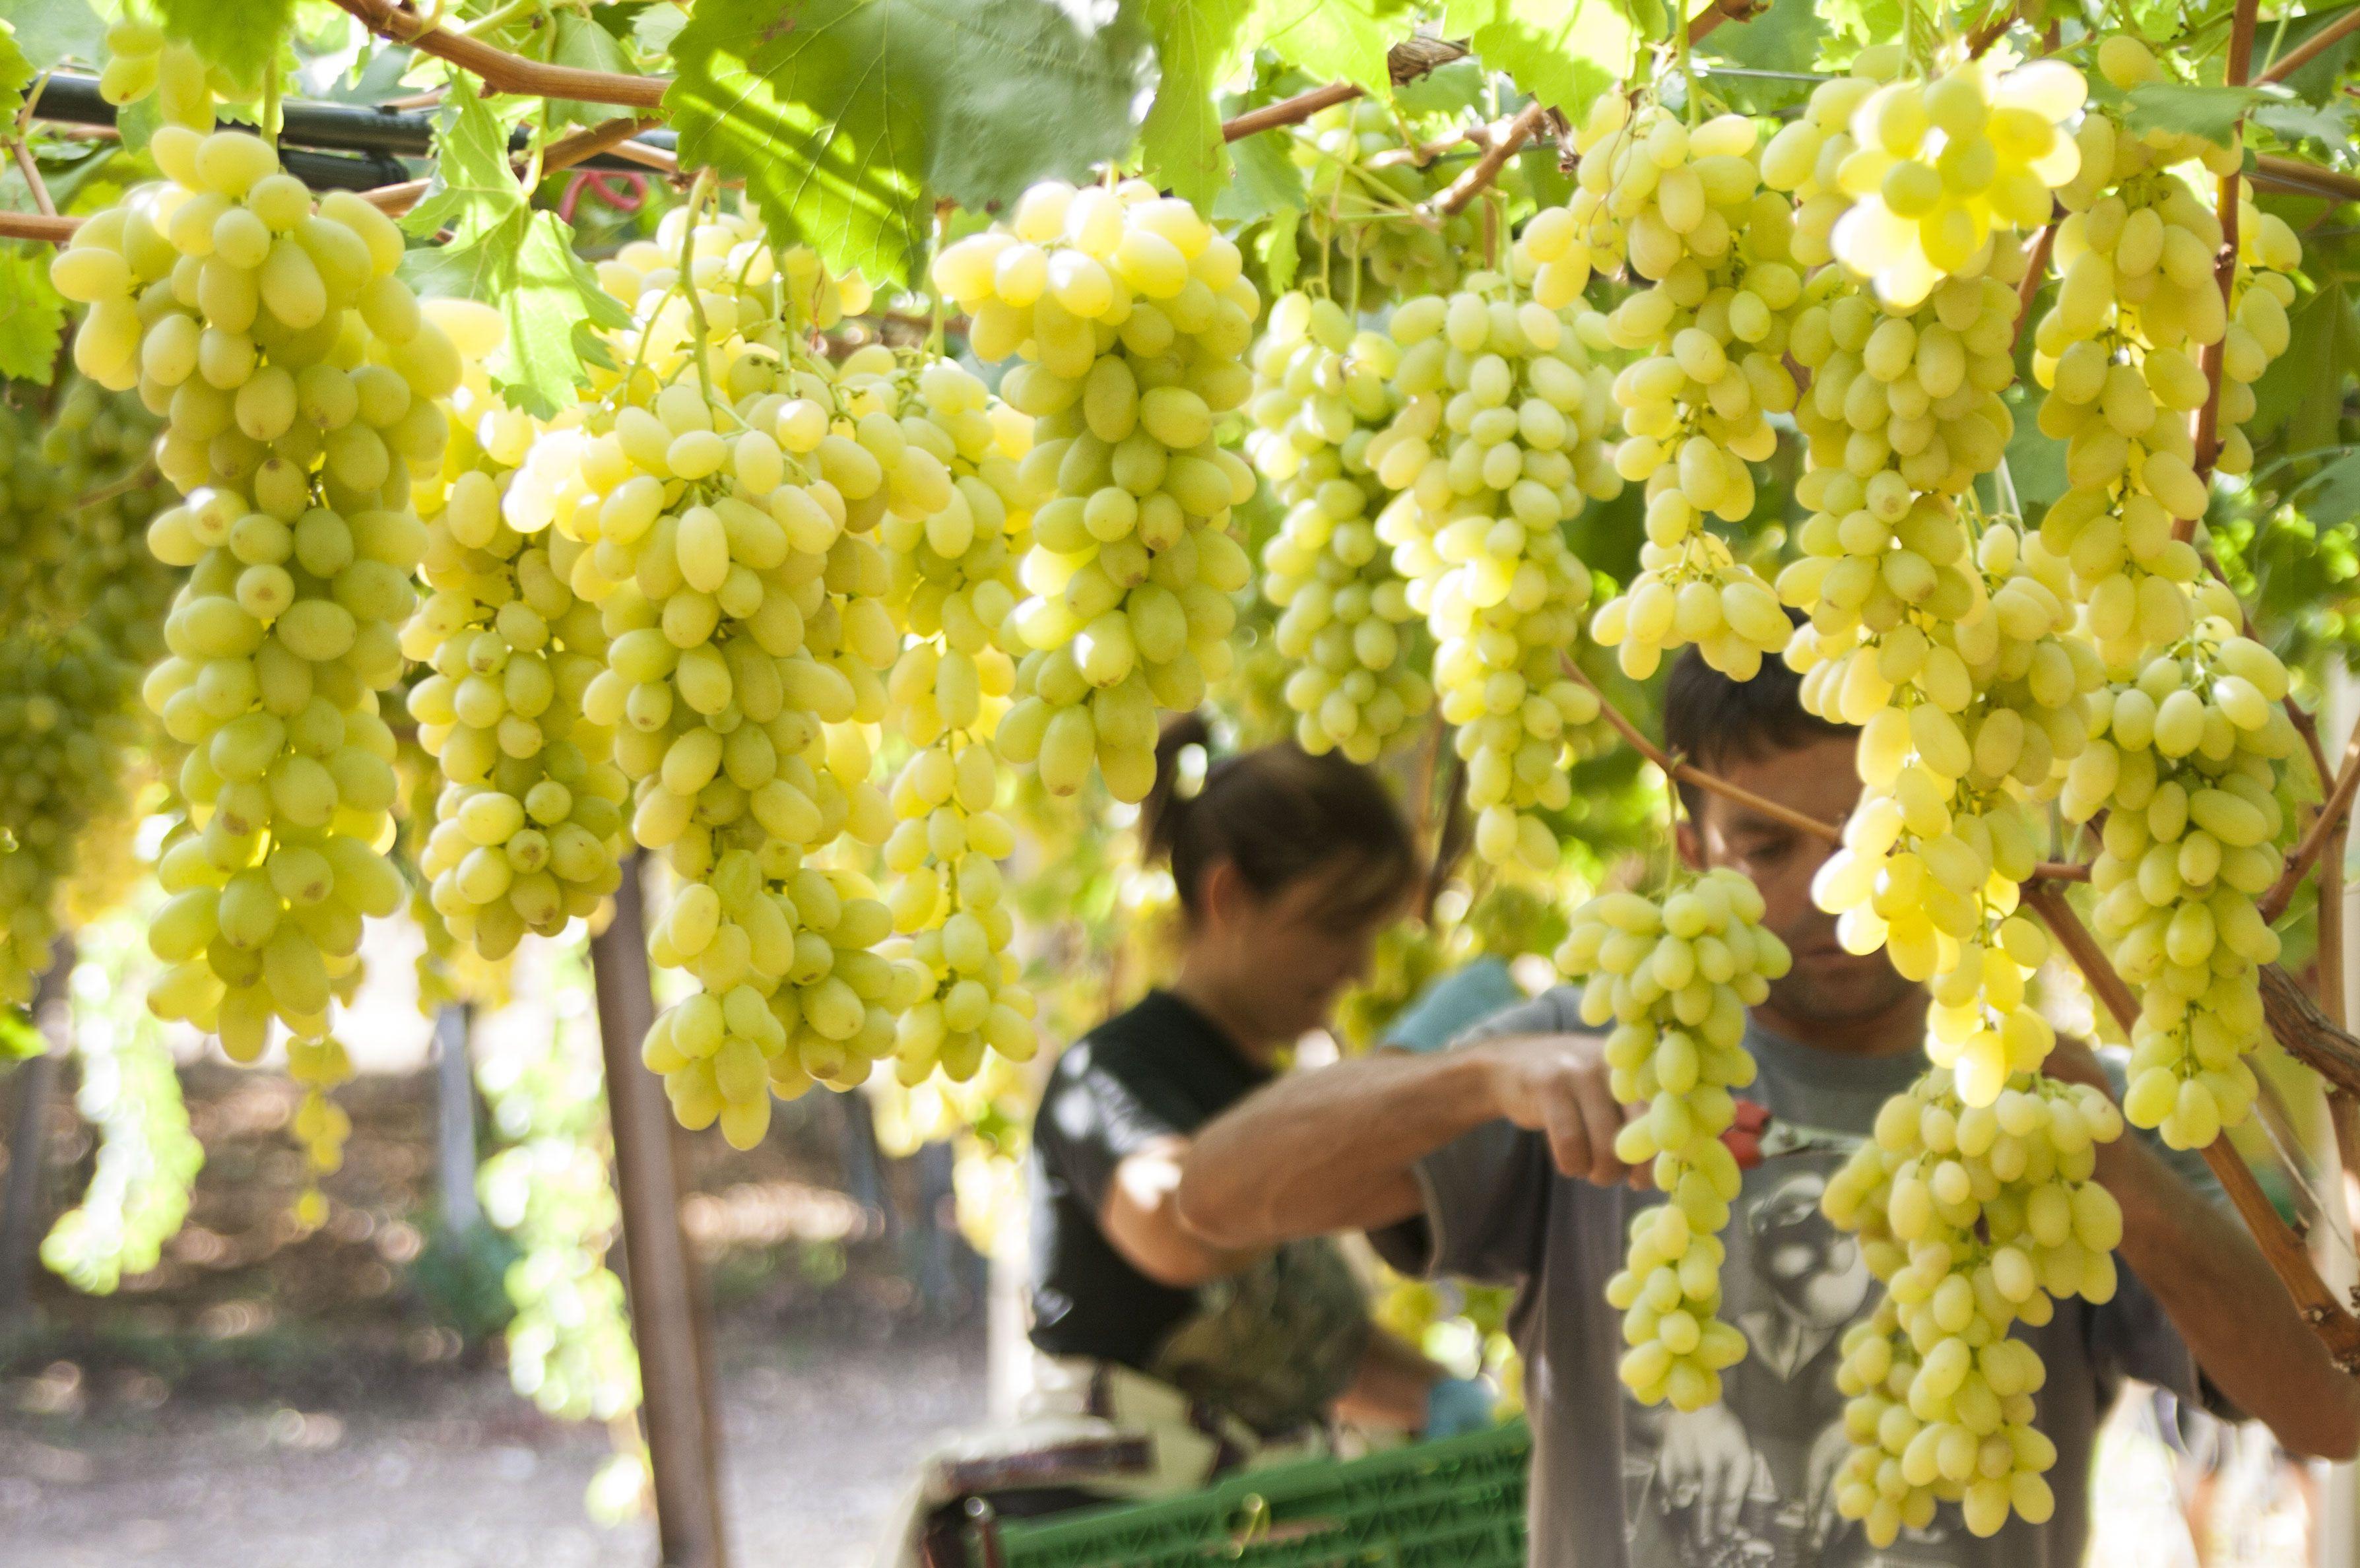 Uva Pizzutella Di Adelfia (Bari) #Grapes